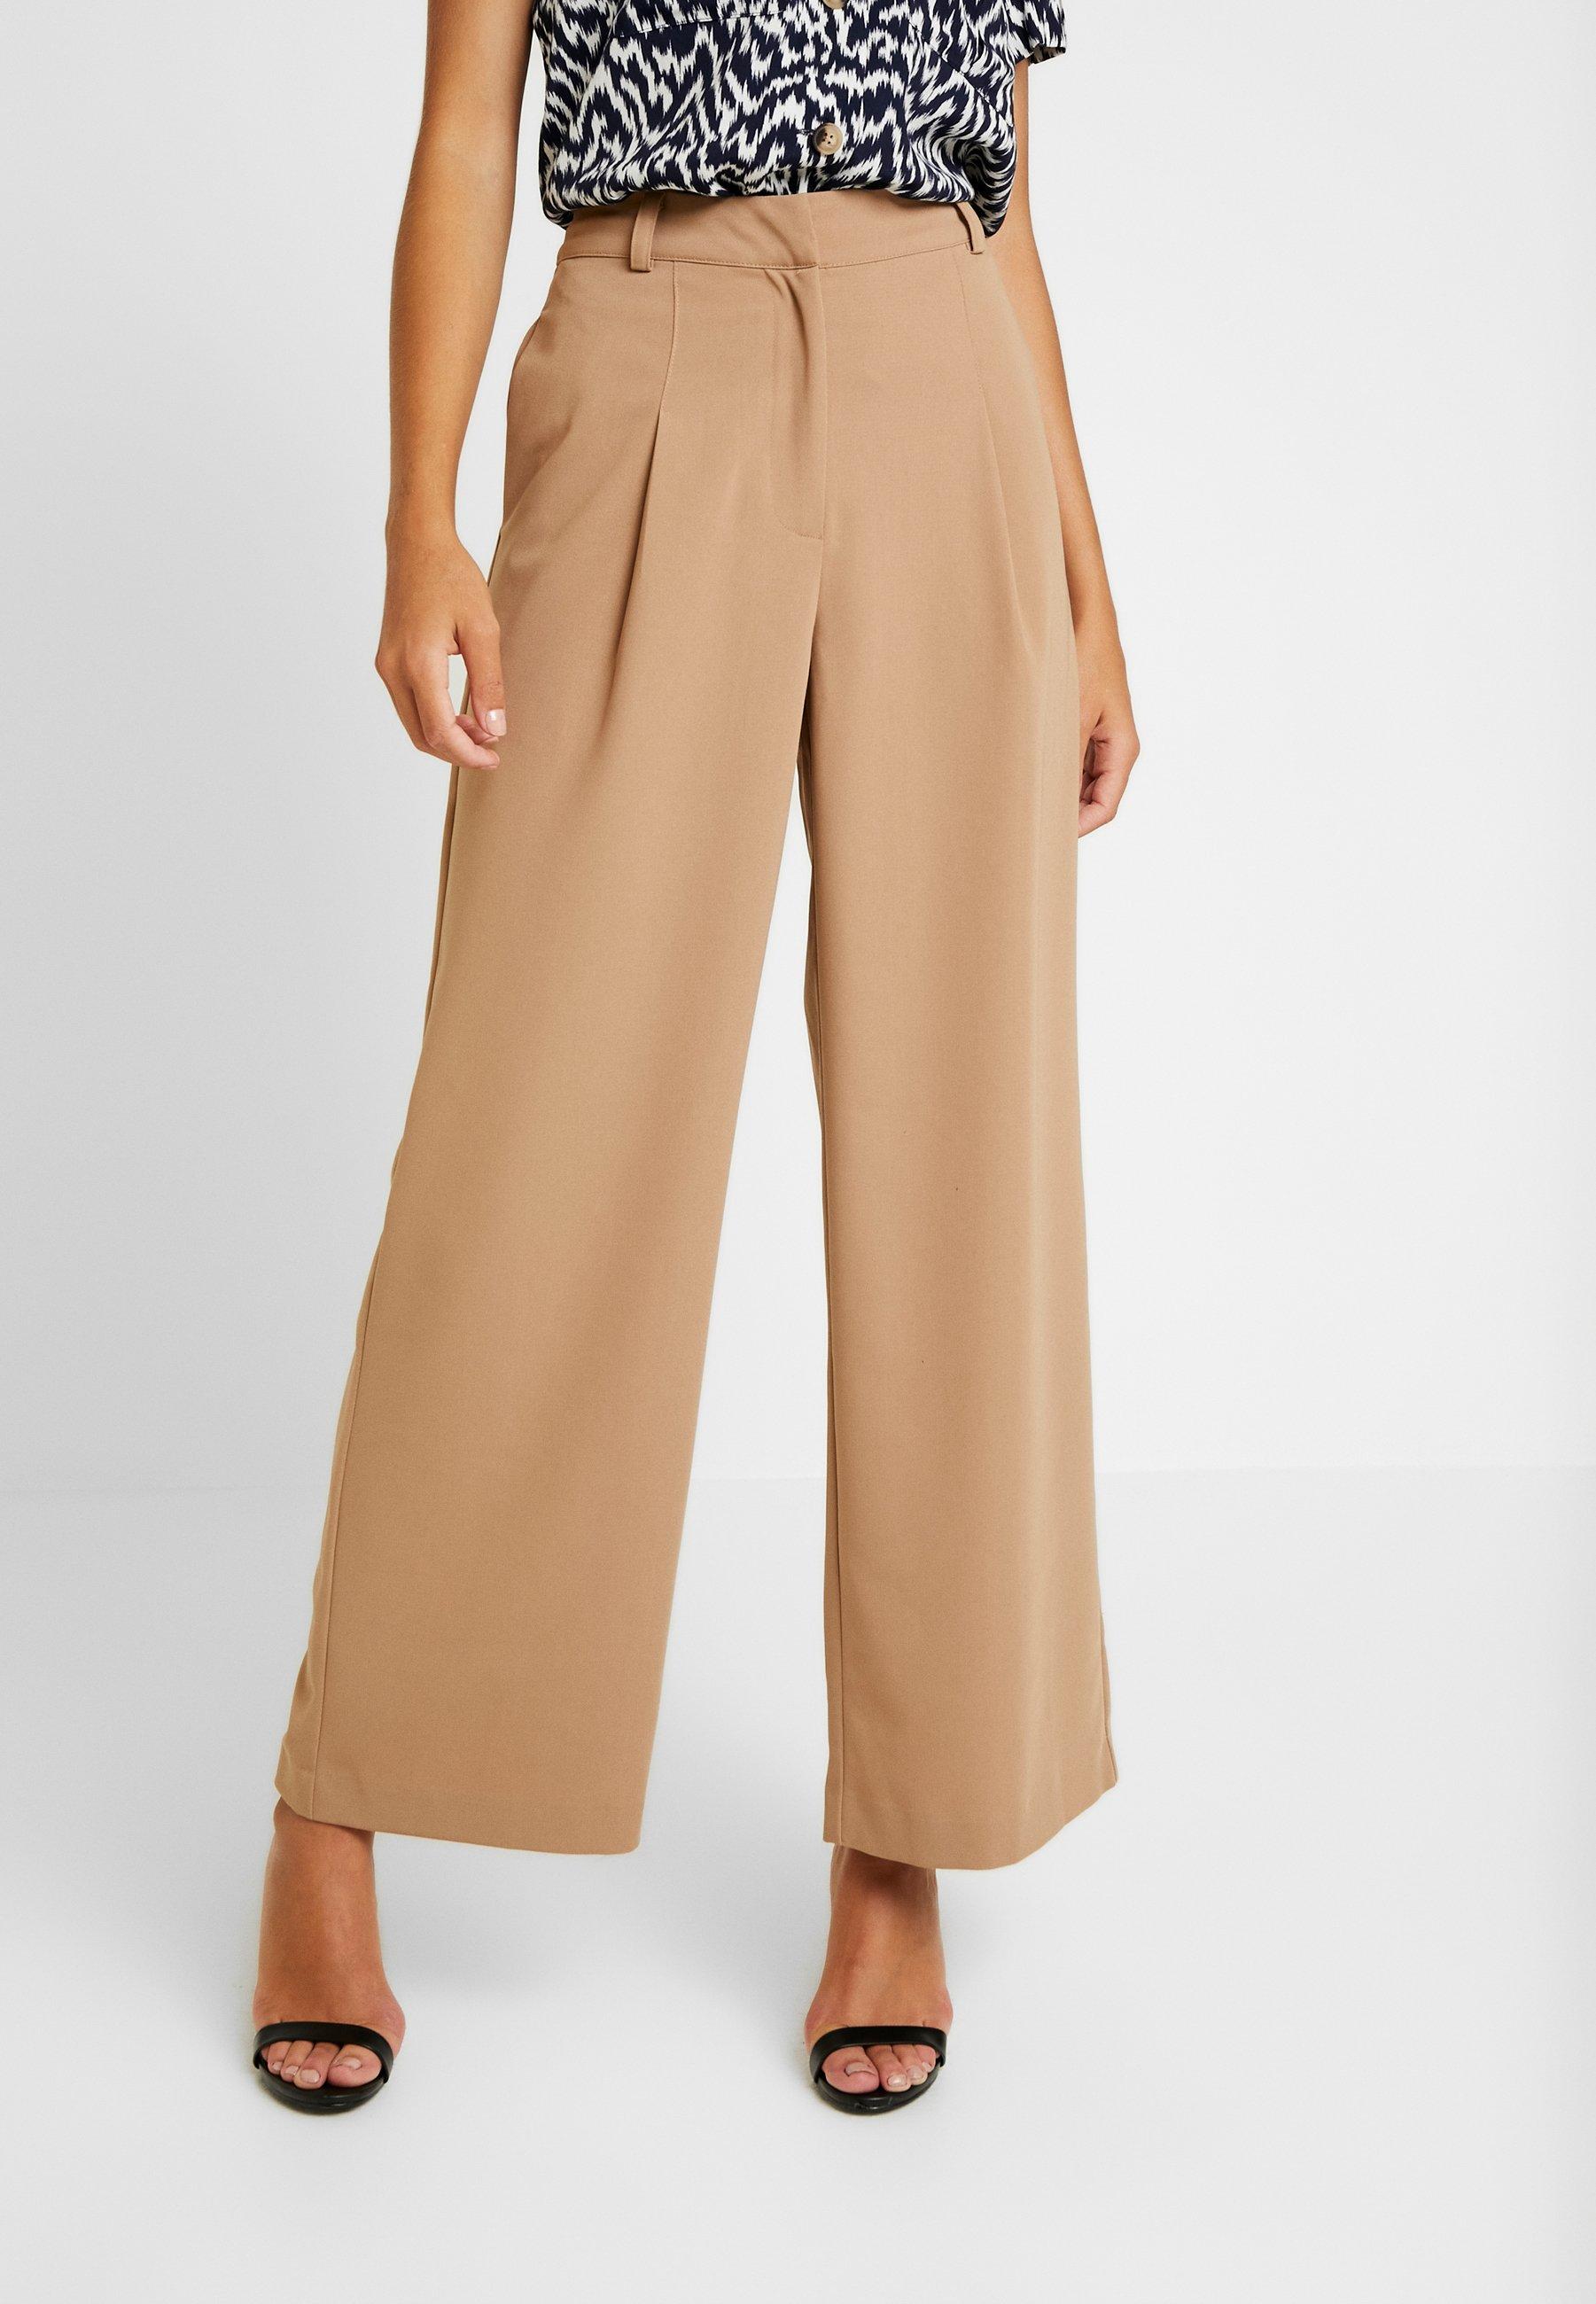 Camel Warehouse Classique TrousersPantalon Leg Wide 3RcALS54jq